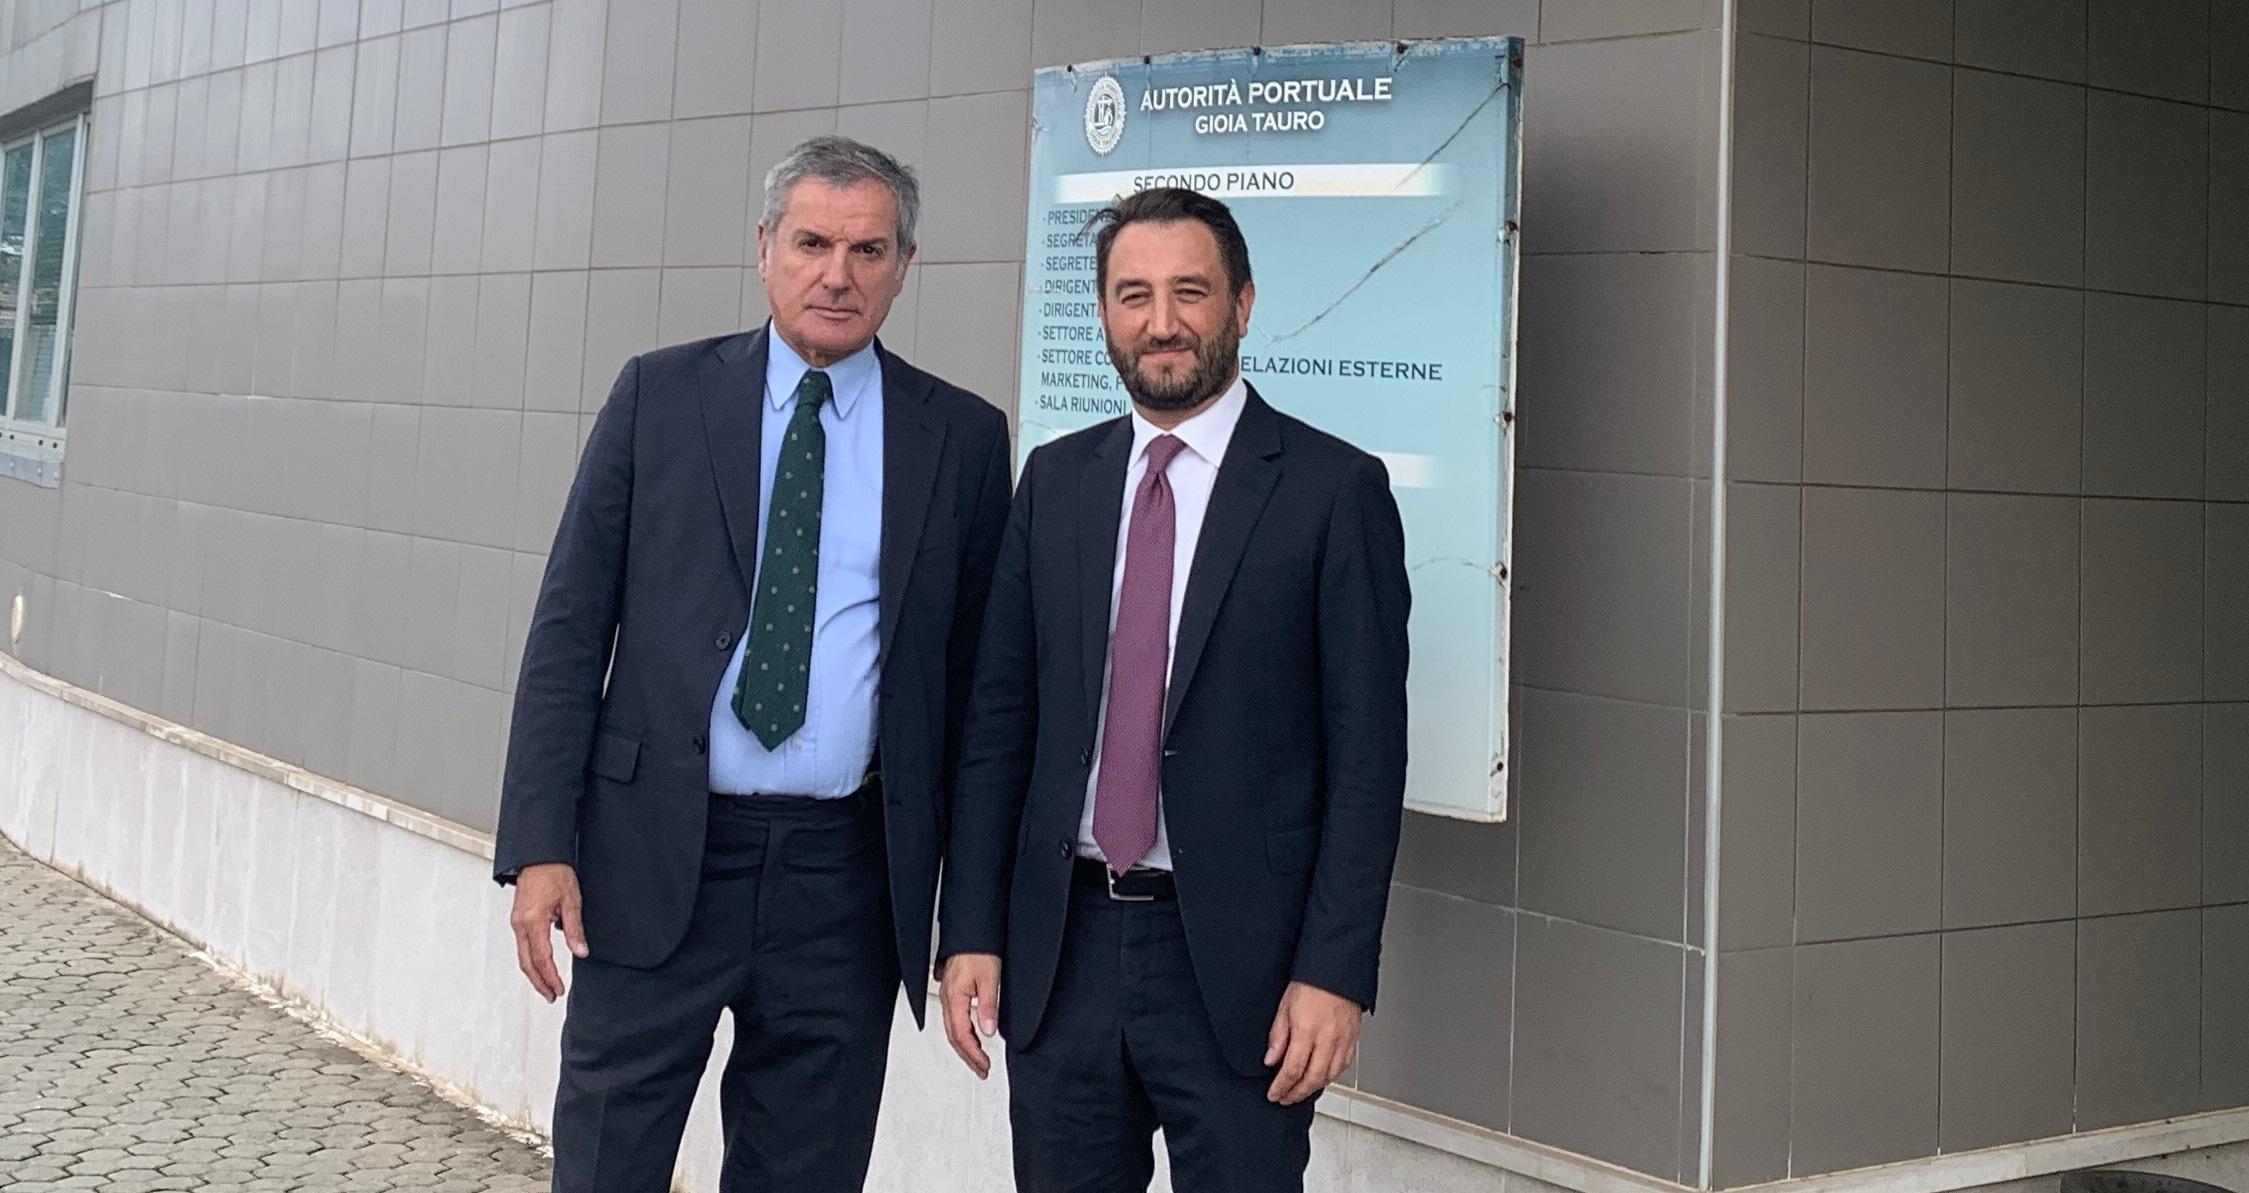 Cancelleri in visita a Gioia Tauro con il commissario straordinario dell'autorità portuale, Andrea Agostinelli